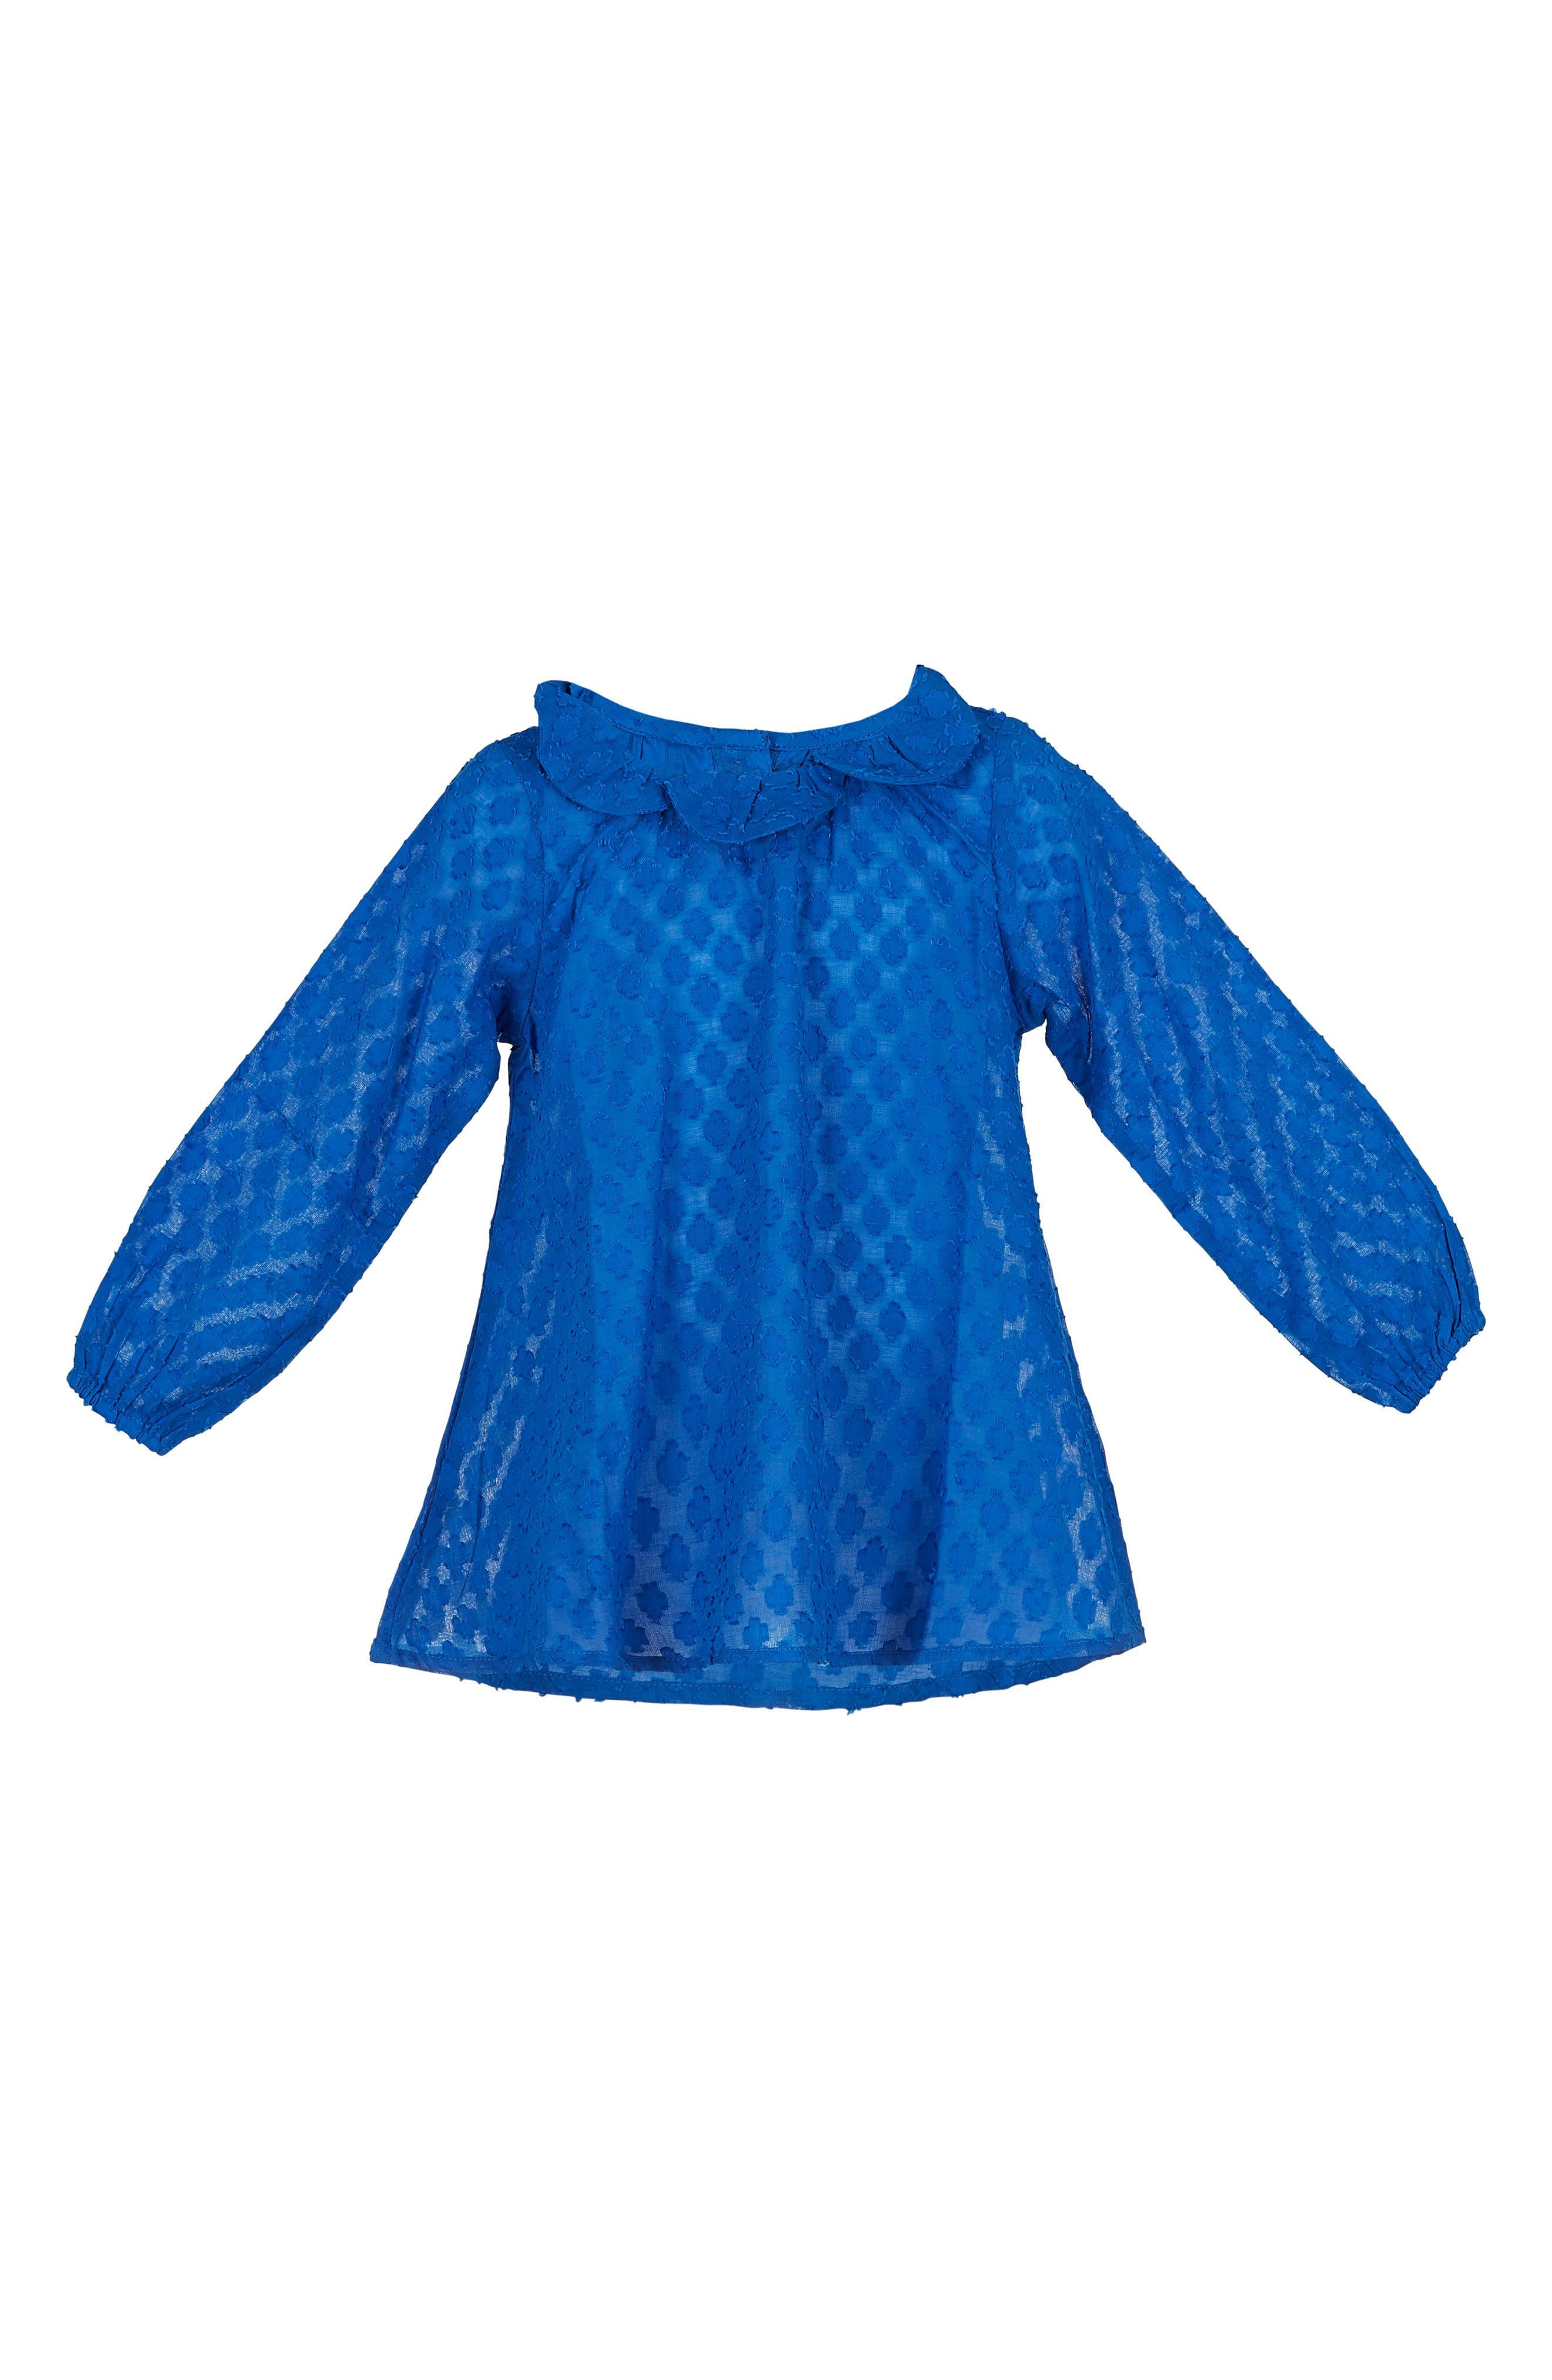 Daisy Petal Collar Dobby Top,                         Main,                         color, Blue